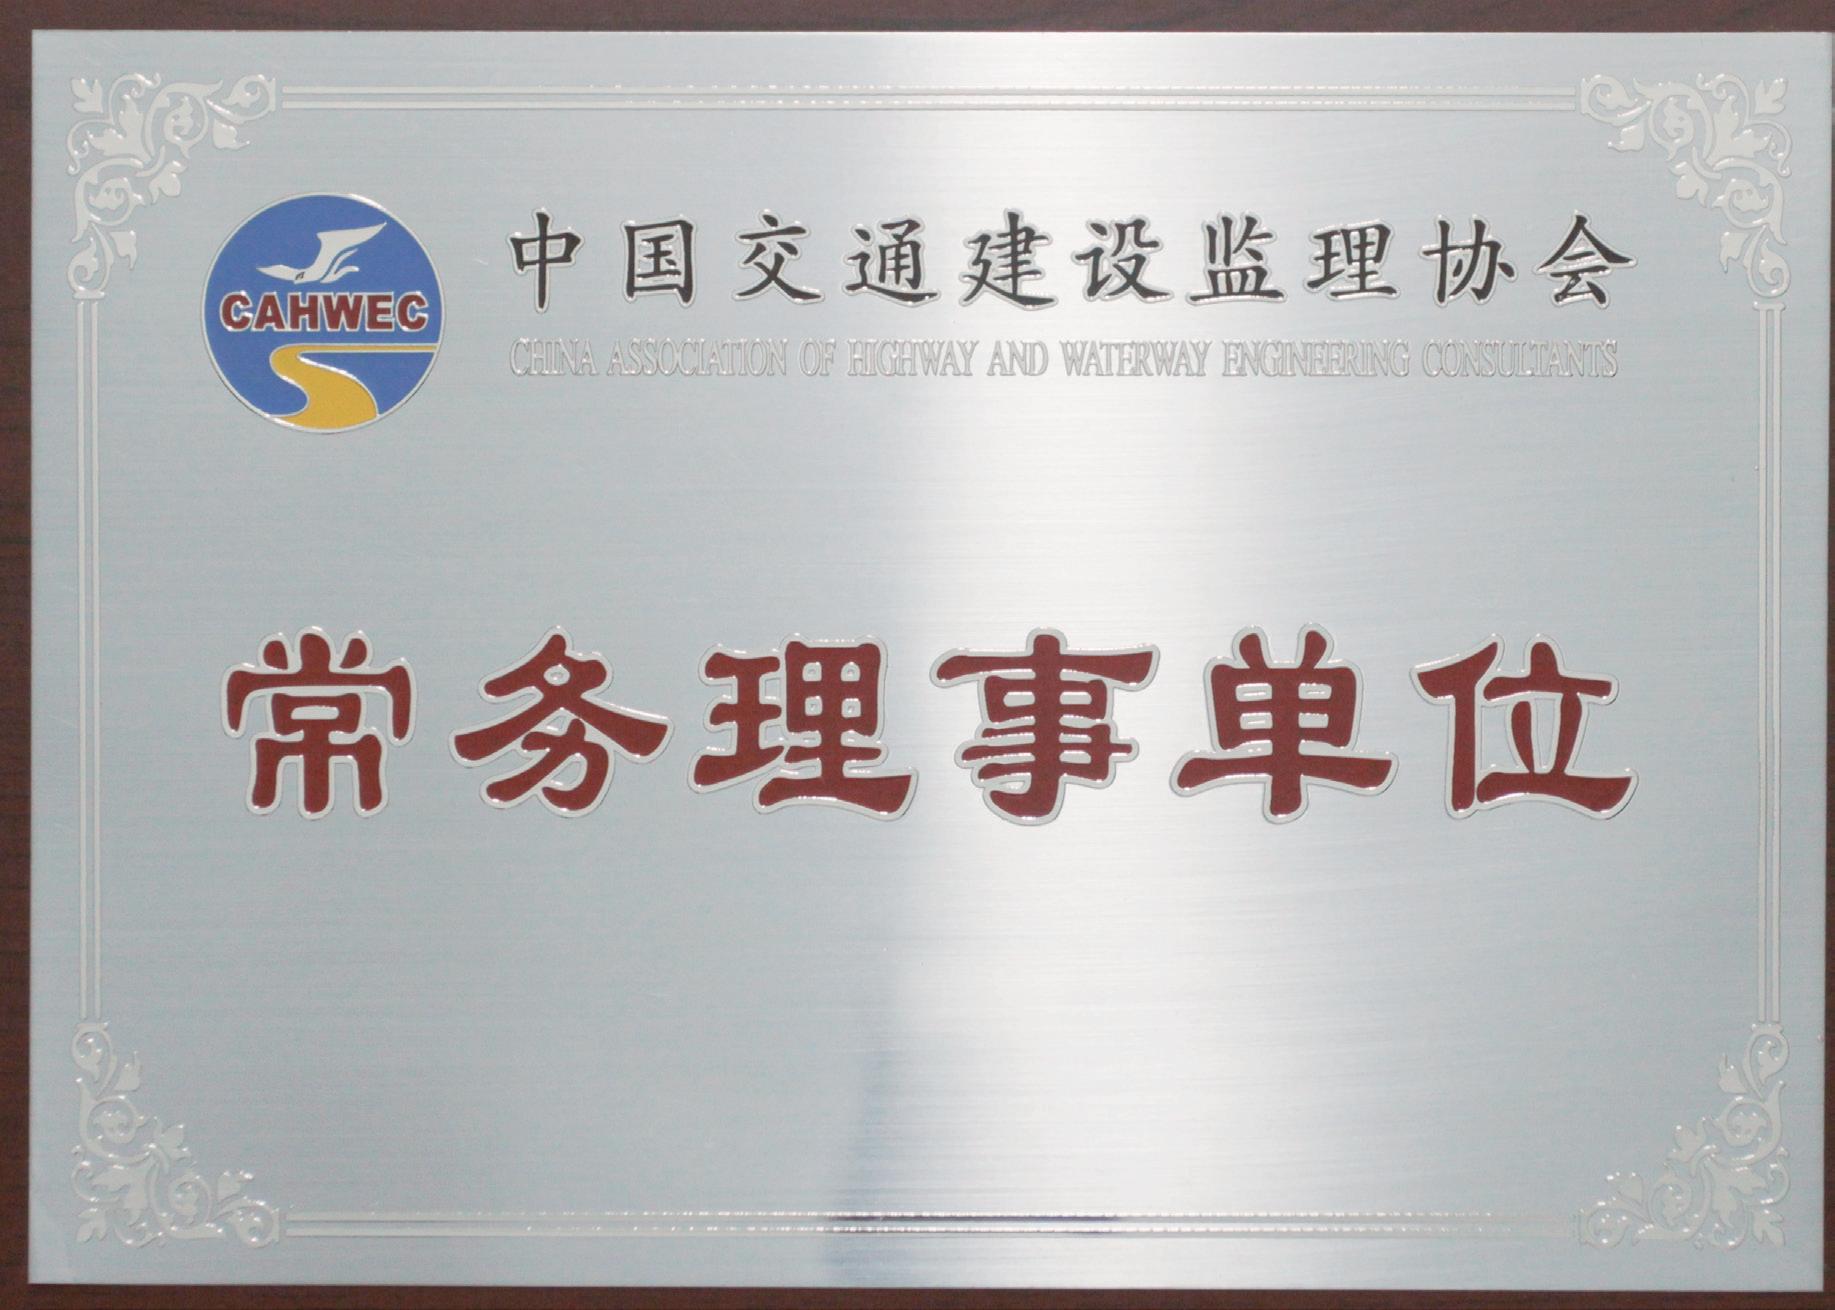 中国交通建设监理协会常务理事单位